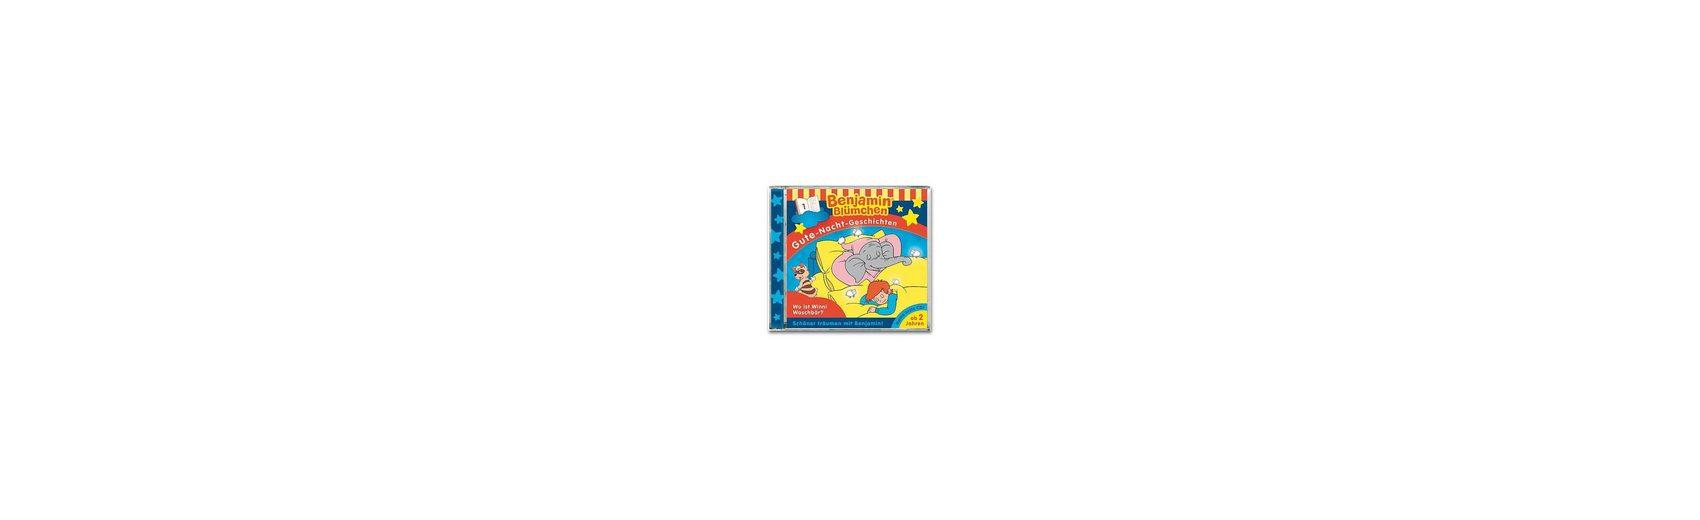 Kiddinx CD Benjamin Blümchen - Gute Nacht G.01 Wo ist Winnie Waschb